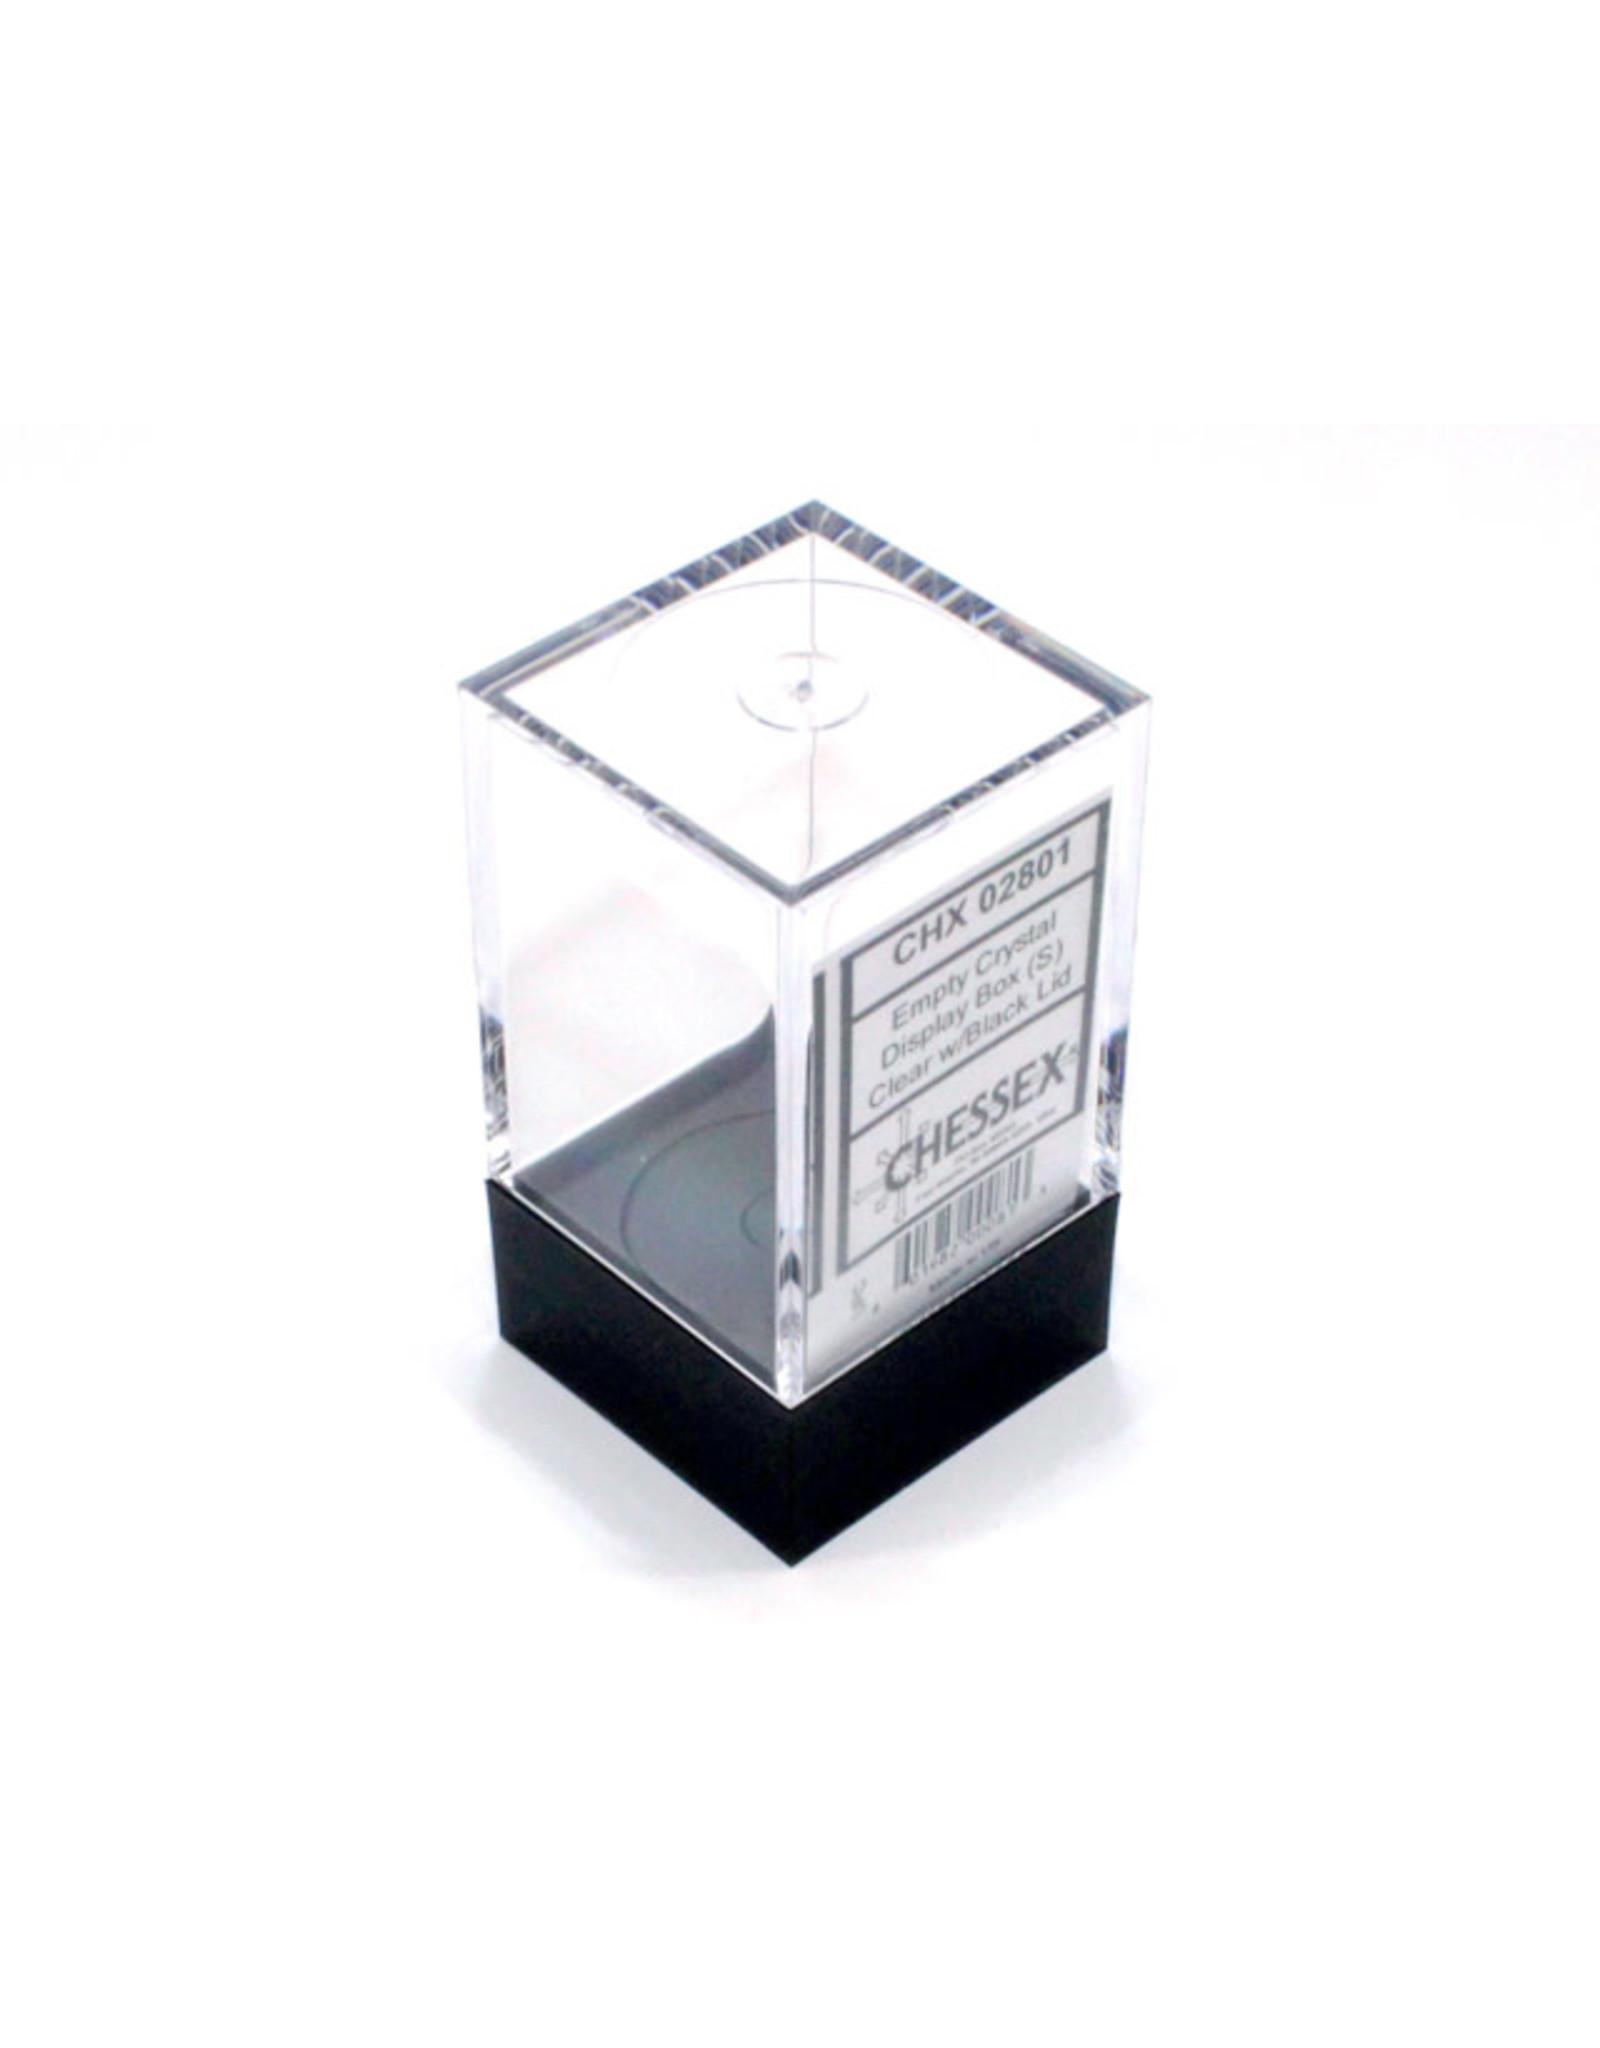 Chessex Chessex: FigureDisplay Box SM